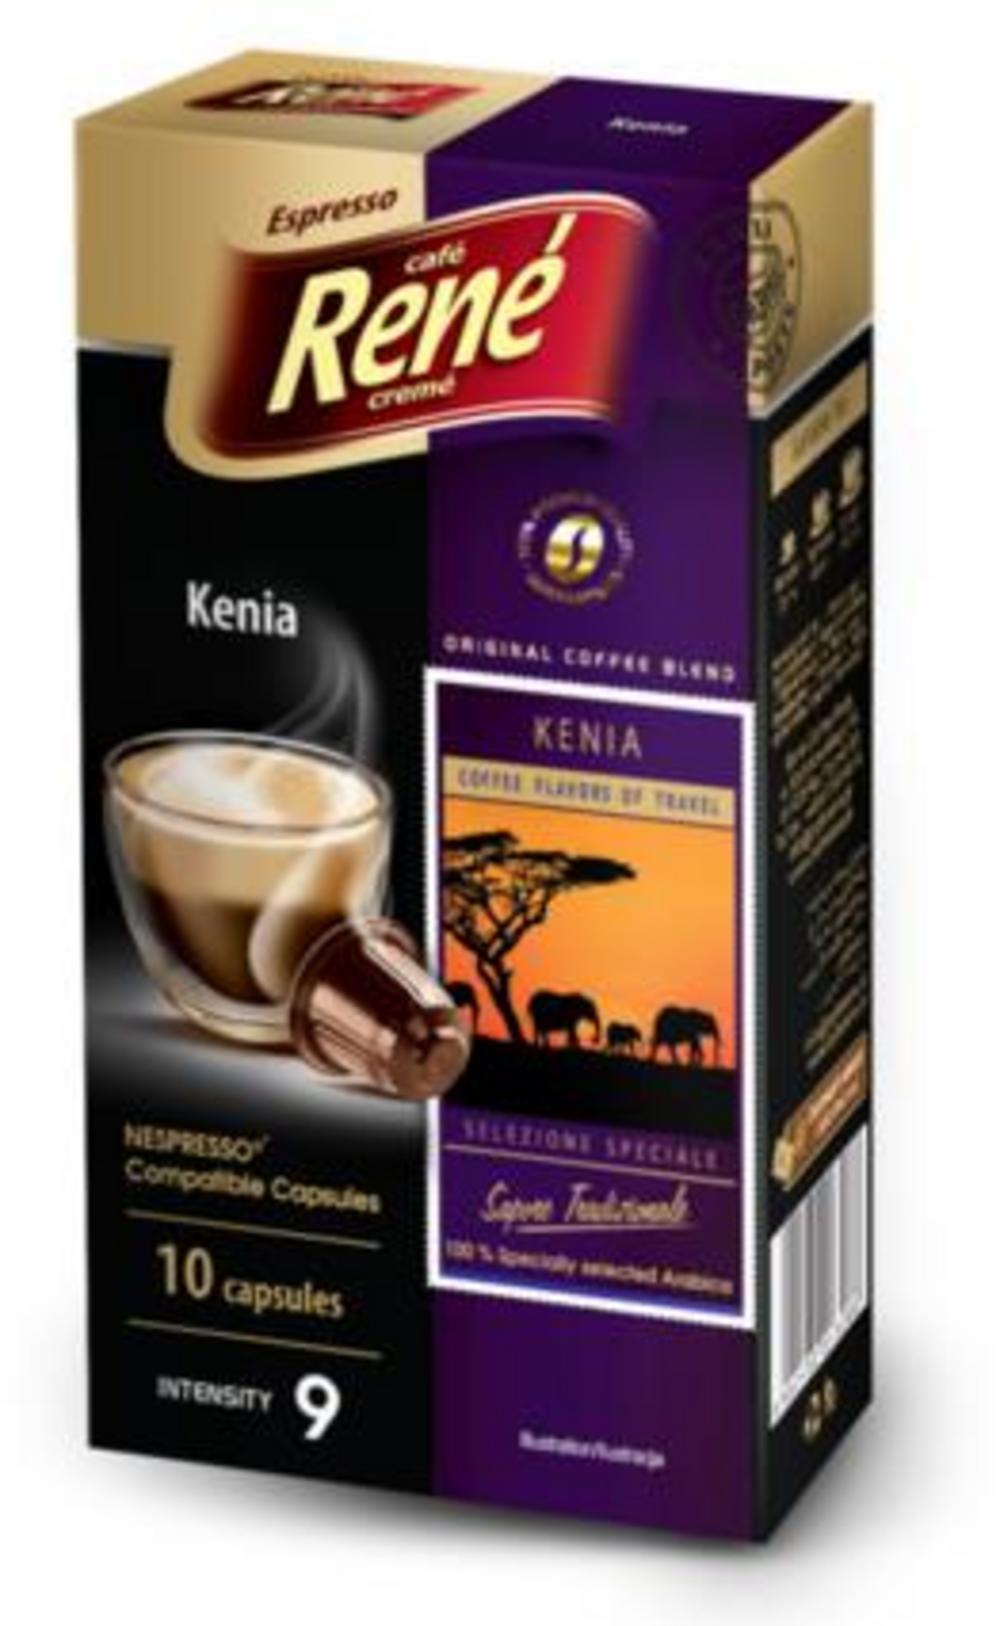 Café Rene Nespresso Compatible Capsules - Kenia 10 Capsules